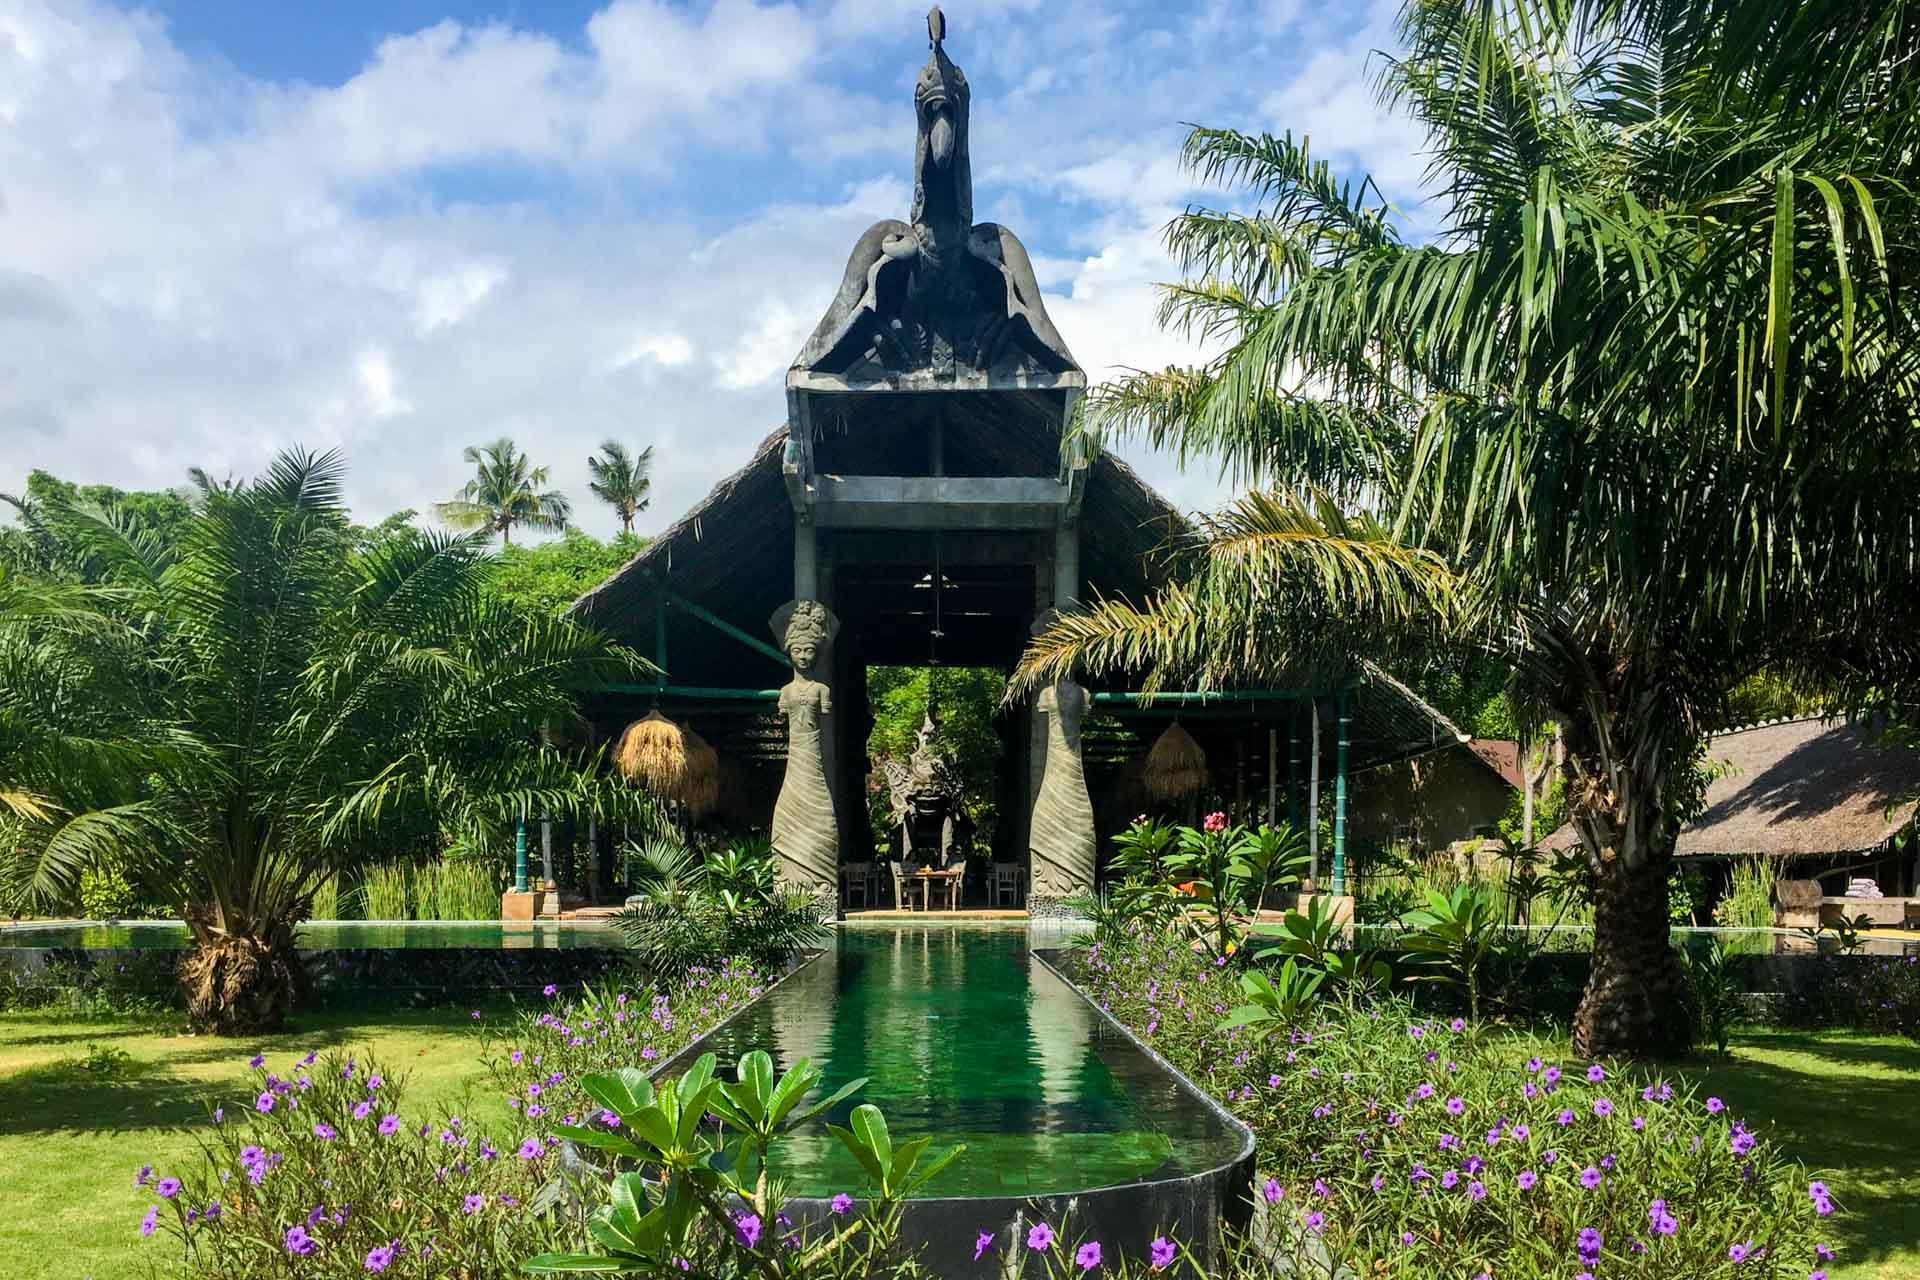 Le long des plages de sable blanc de Lombok en Indonésie, l'Hotel Tugu, avec seulement 36 chambres et villas, se révèle être l'une des plus charmantes villégiatures de l'île. Visite exclusive d'une adresse romantique et exclusive.